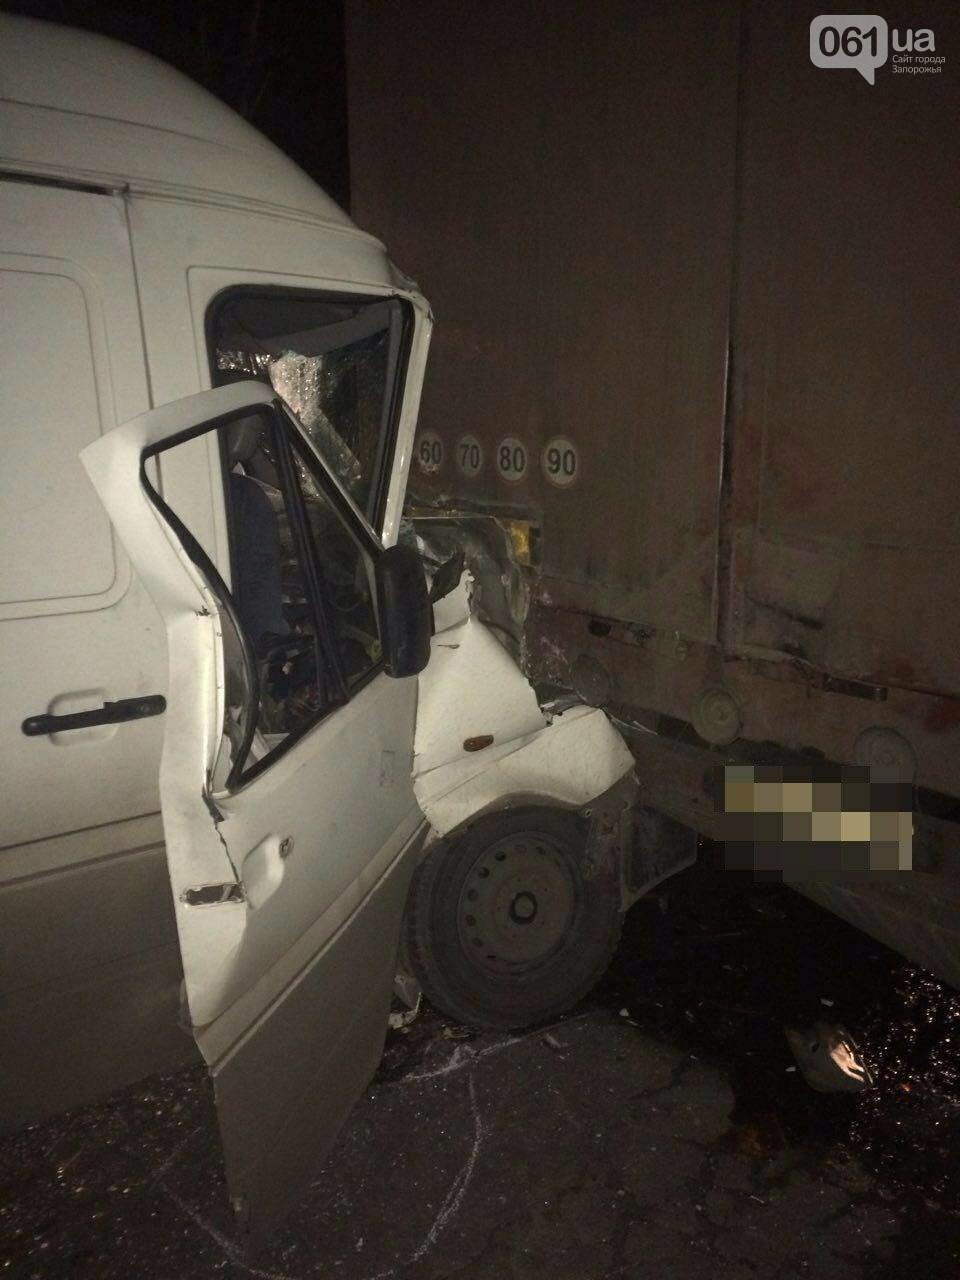 В Запорожье микроавтобус протаранил припаркованную фуру, - ФОТО, фото-3